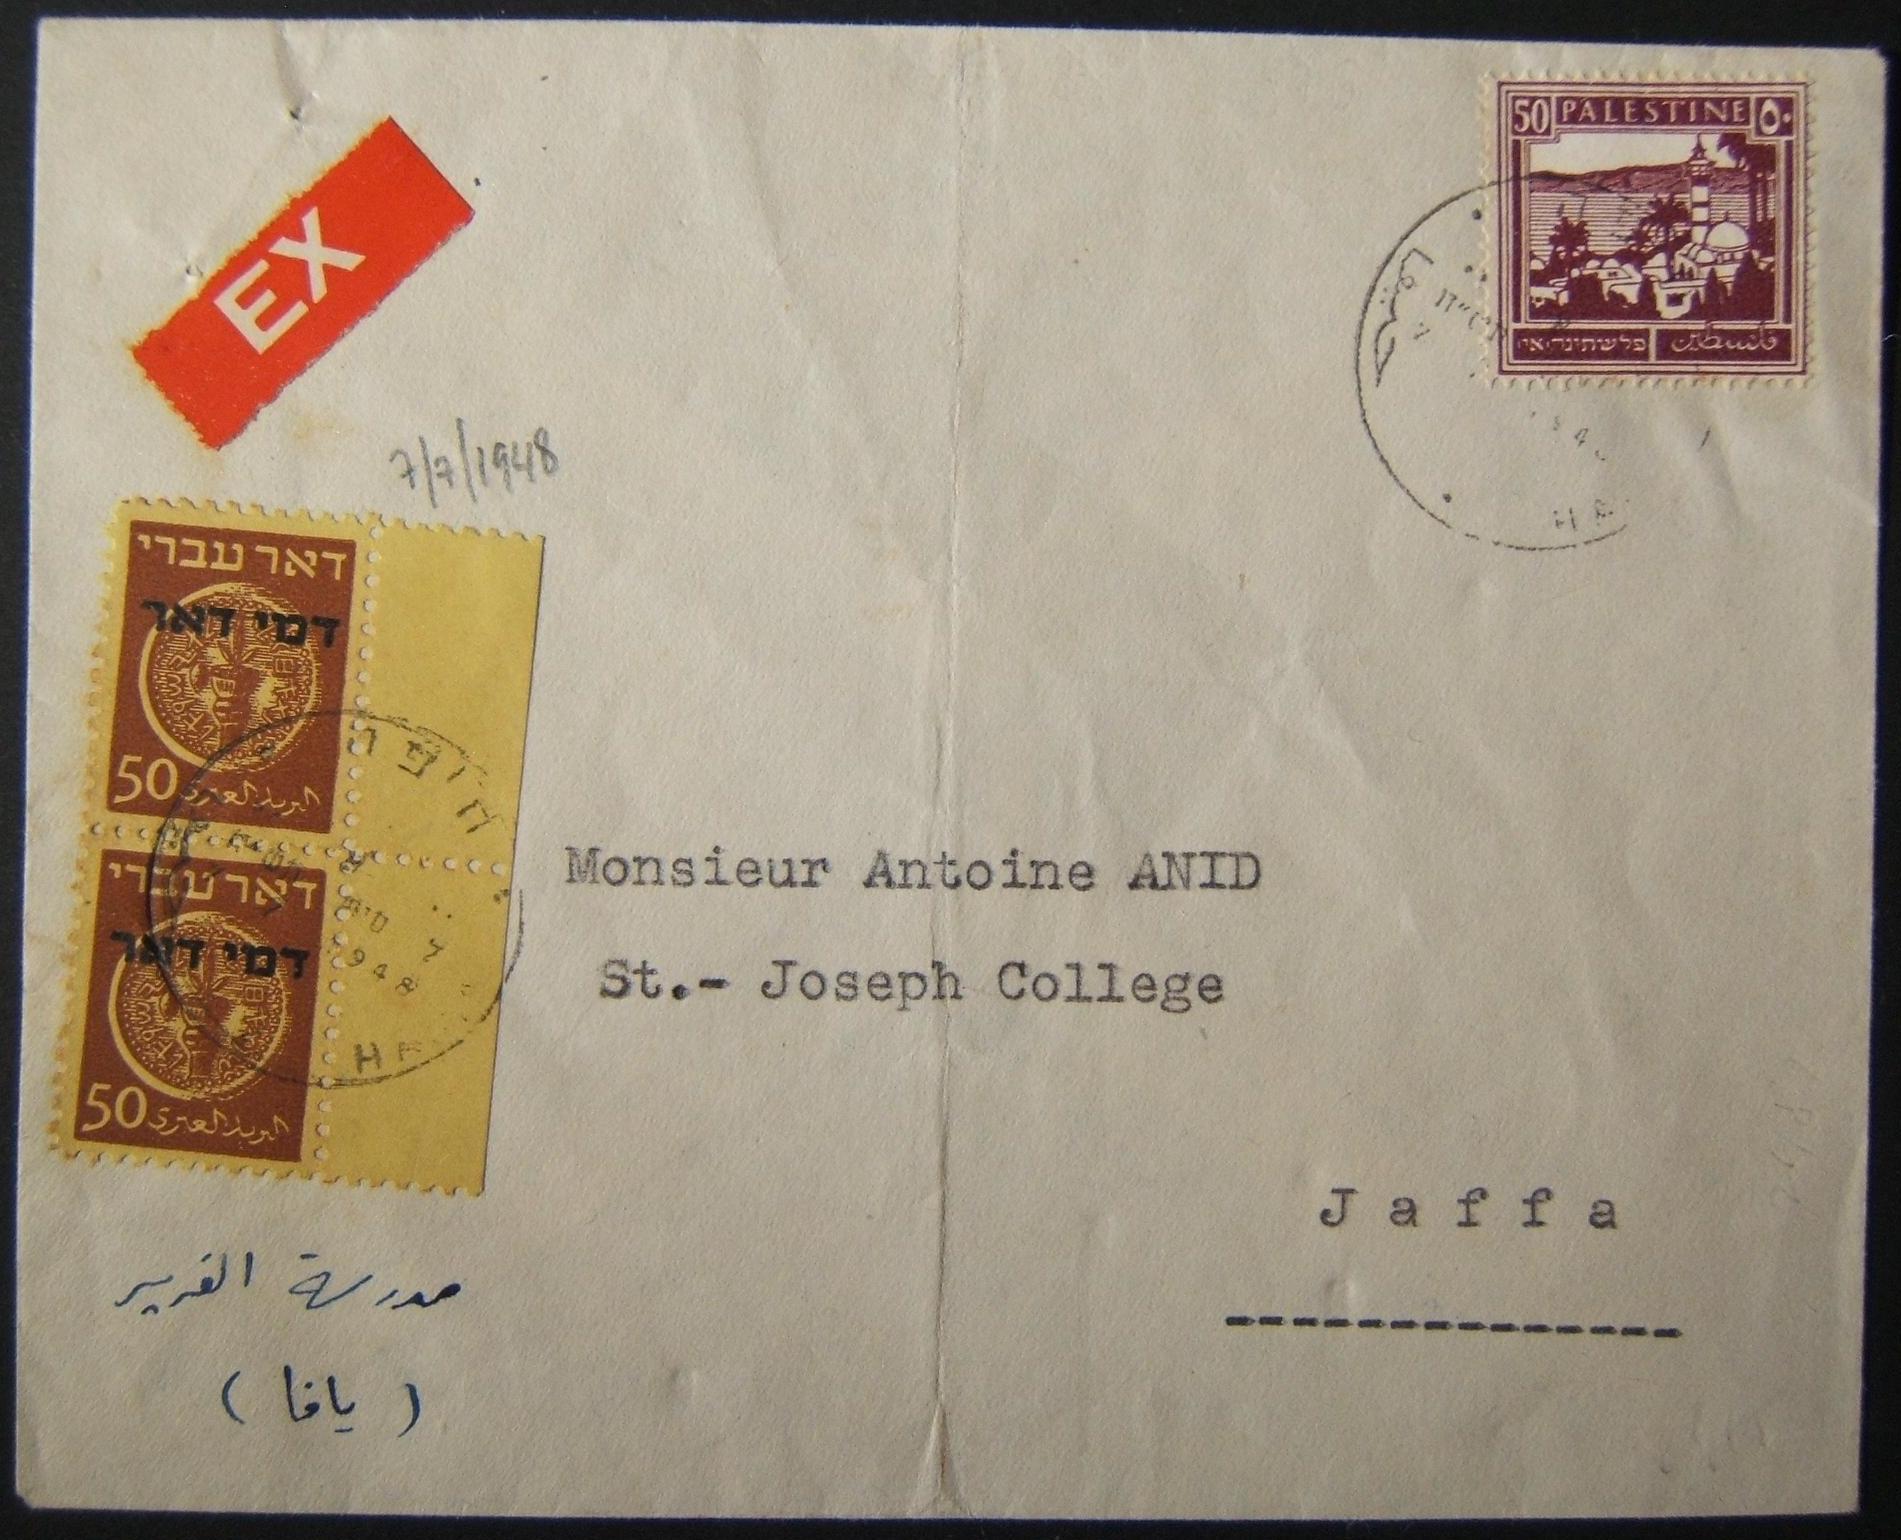 7/1948 דואר אלקטרוני JAFFA עם המנדט פרנק מסים עם חותמת דמי דואר 50m